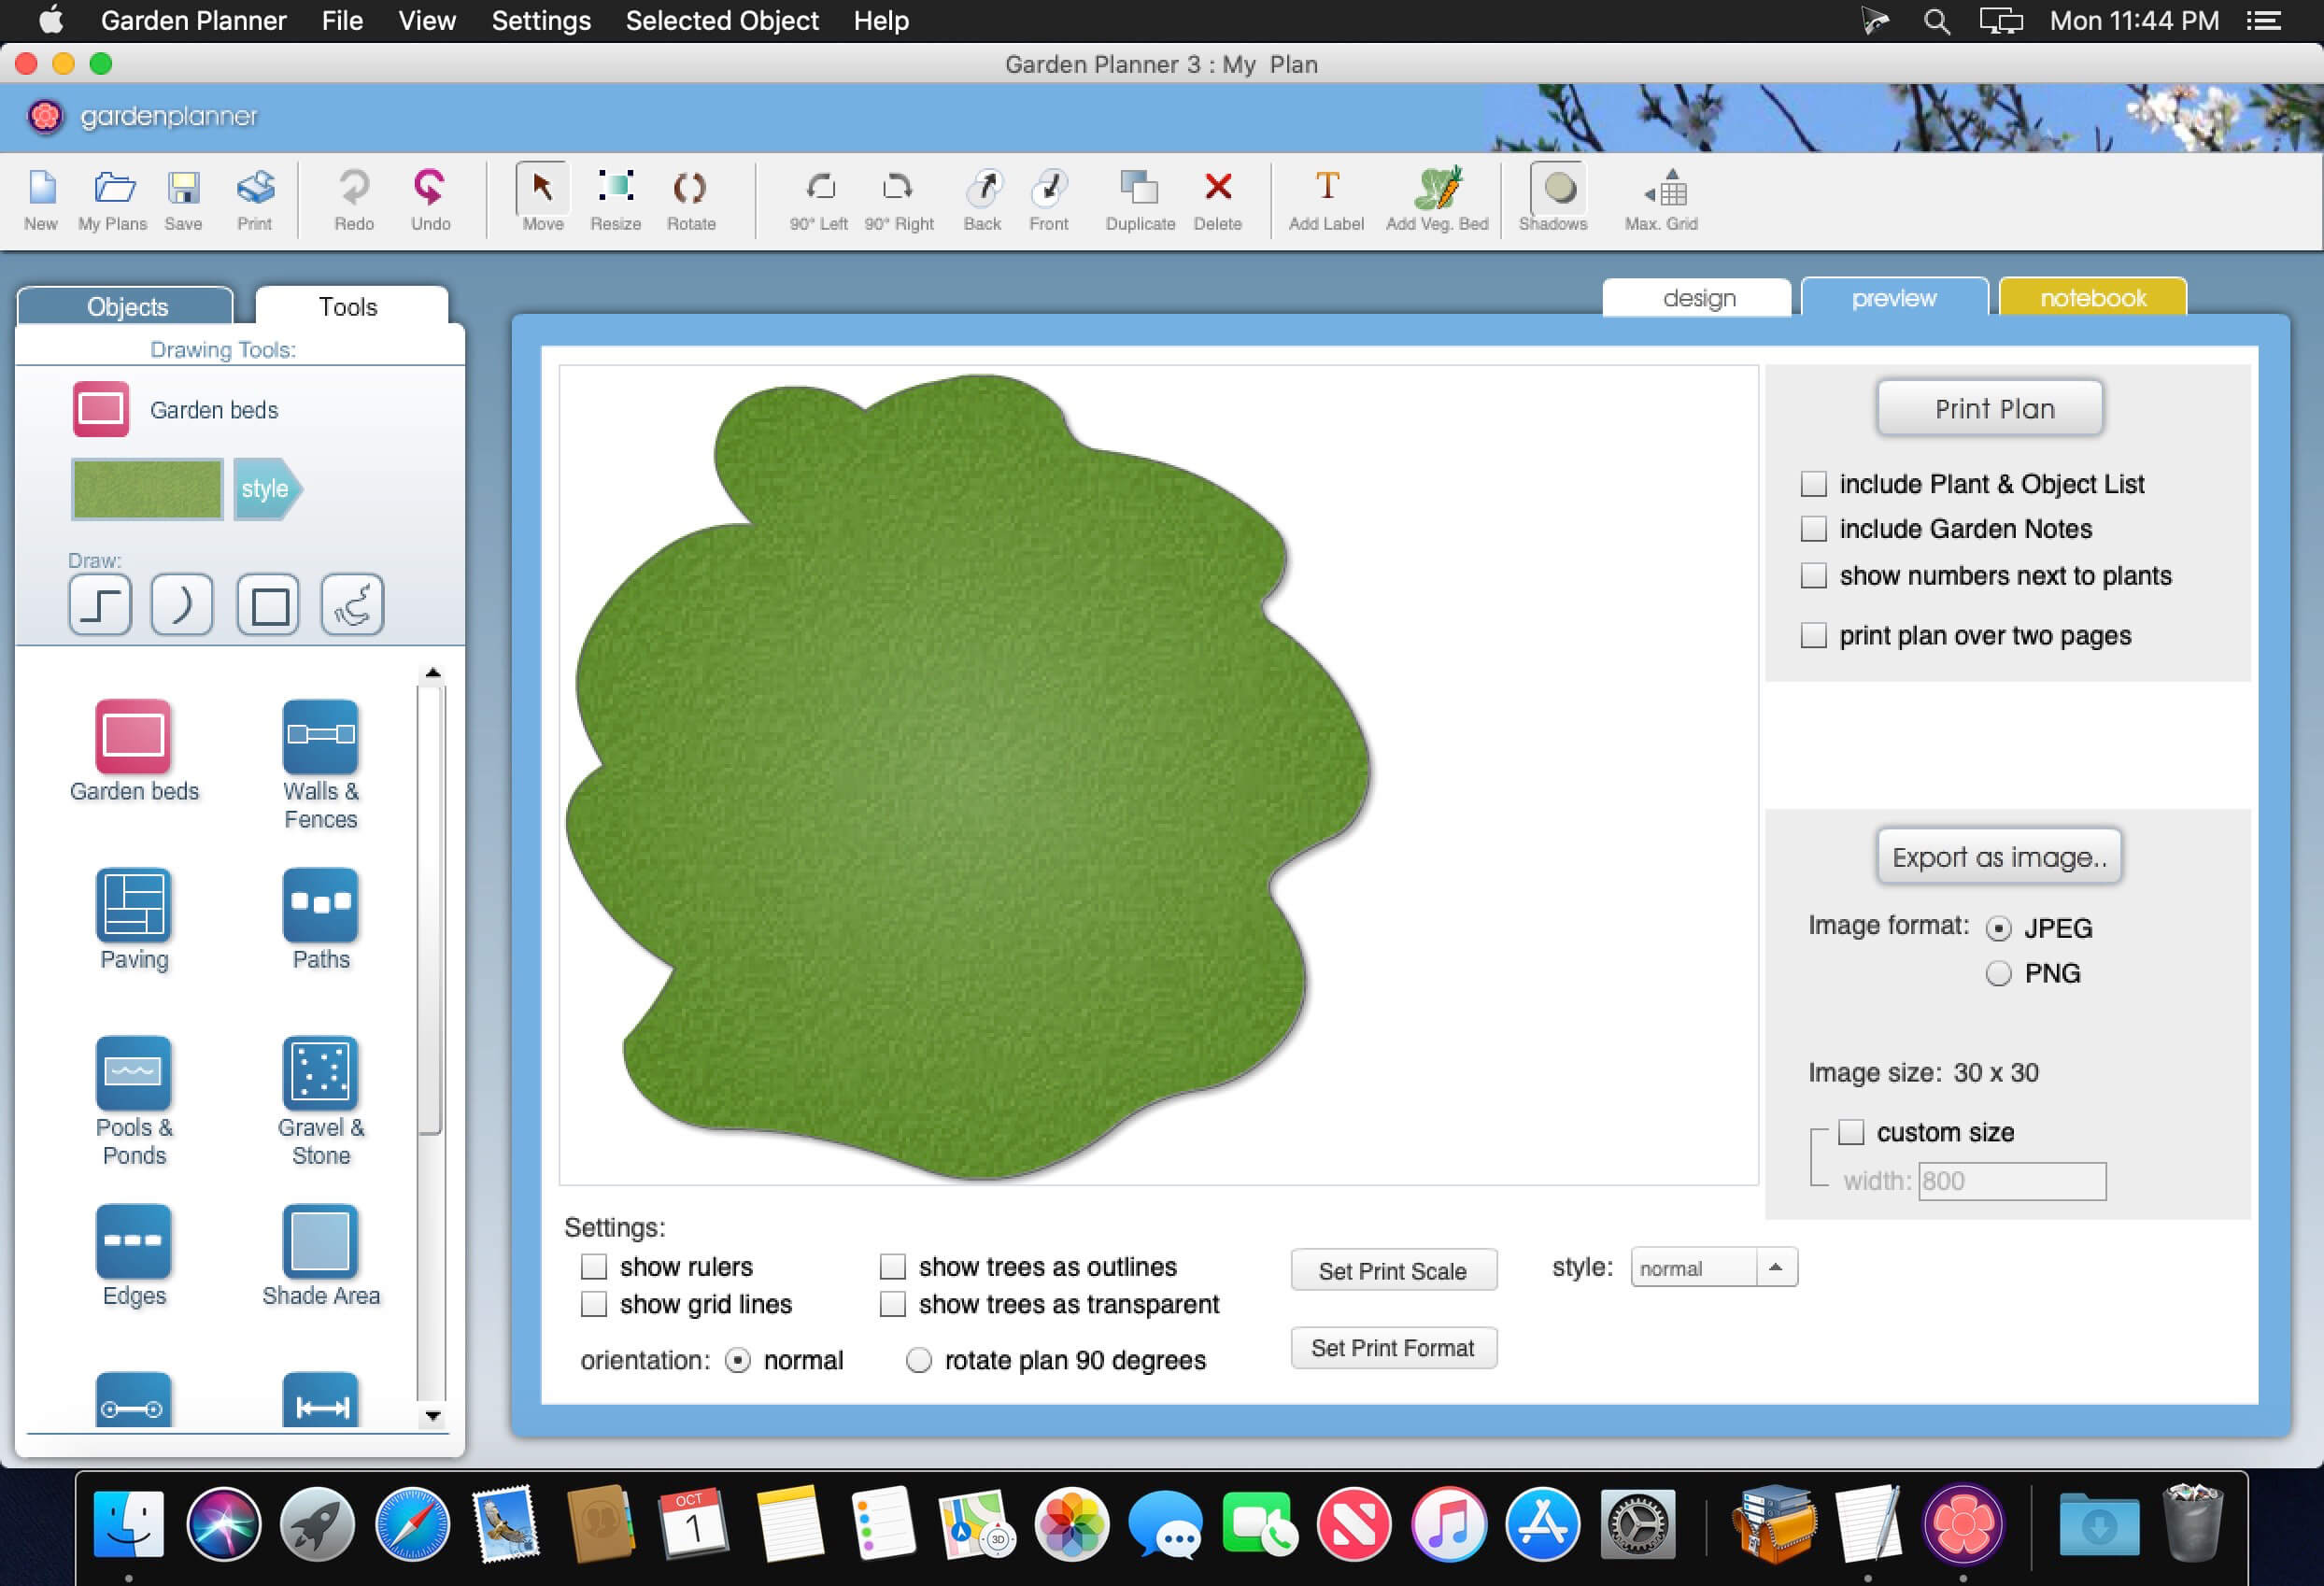 Garden Planner 3.6.35 download | macOS